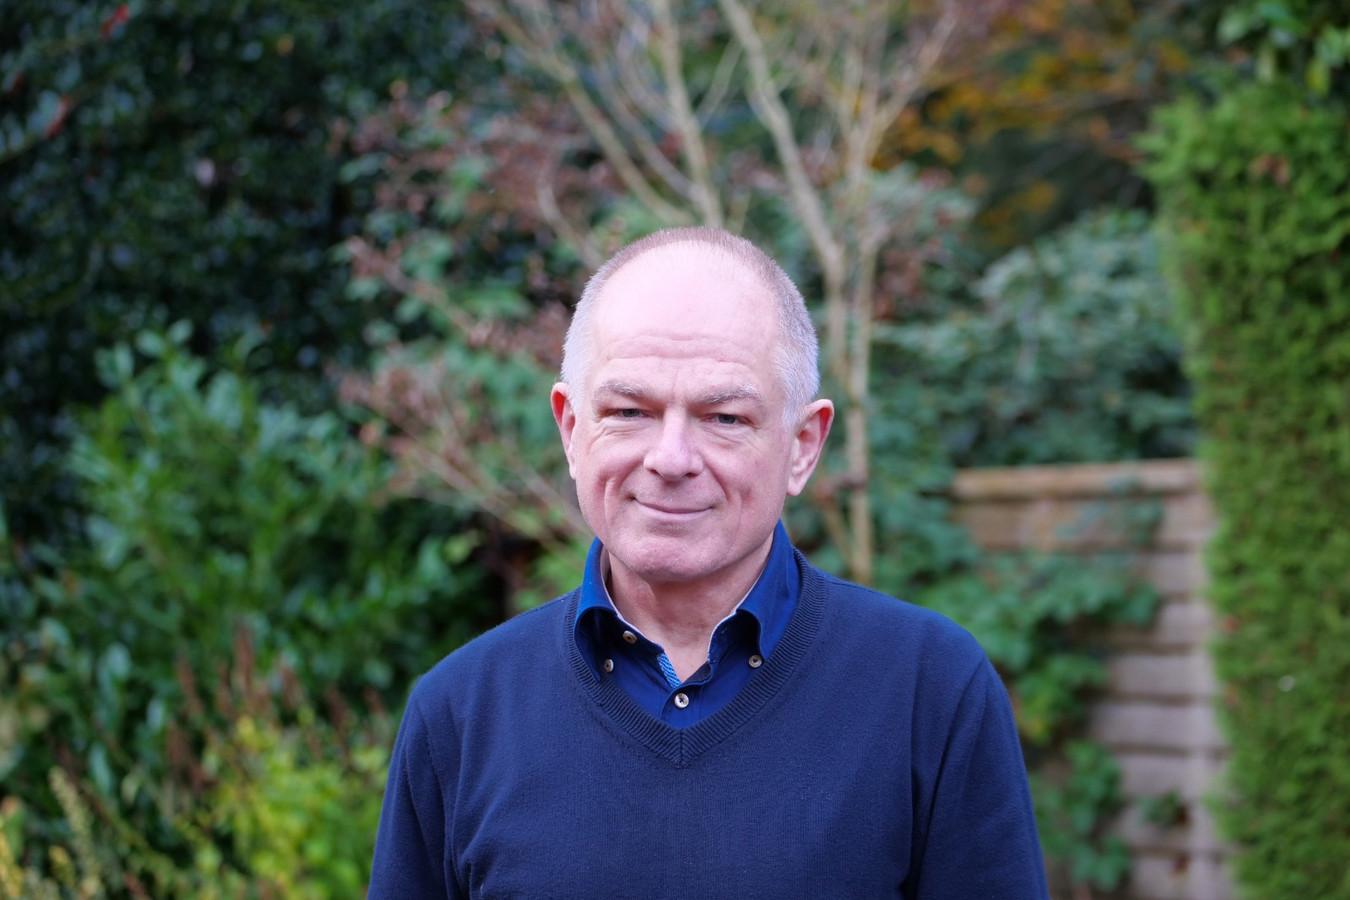 Zen-leraar Harry Mengers uit Nijverdal was vijf jaar geleden nog gemeenteambtenaar. Het monstertruckdrama in Haaksbergen zette zijn leven volledig op de kop.